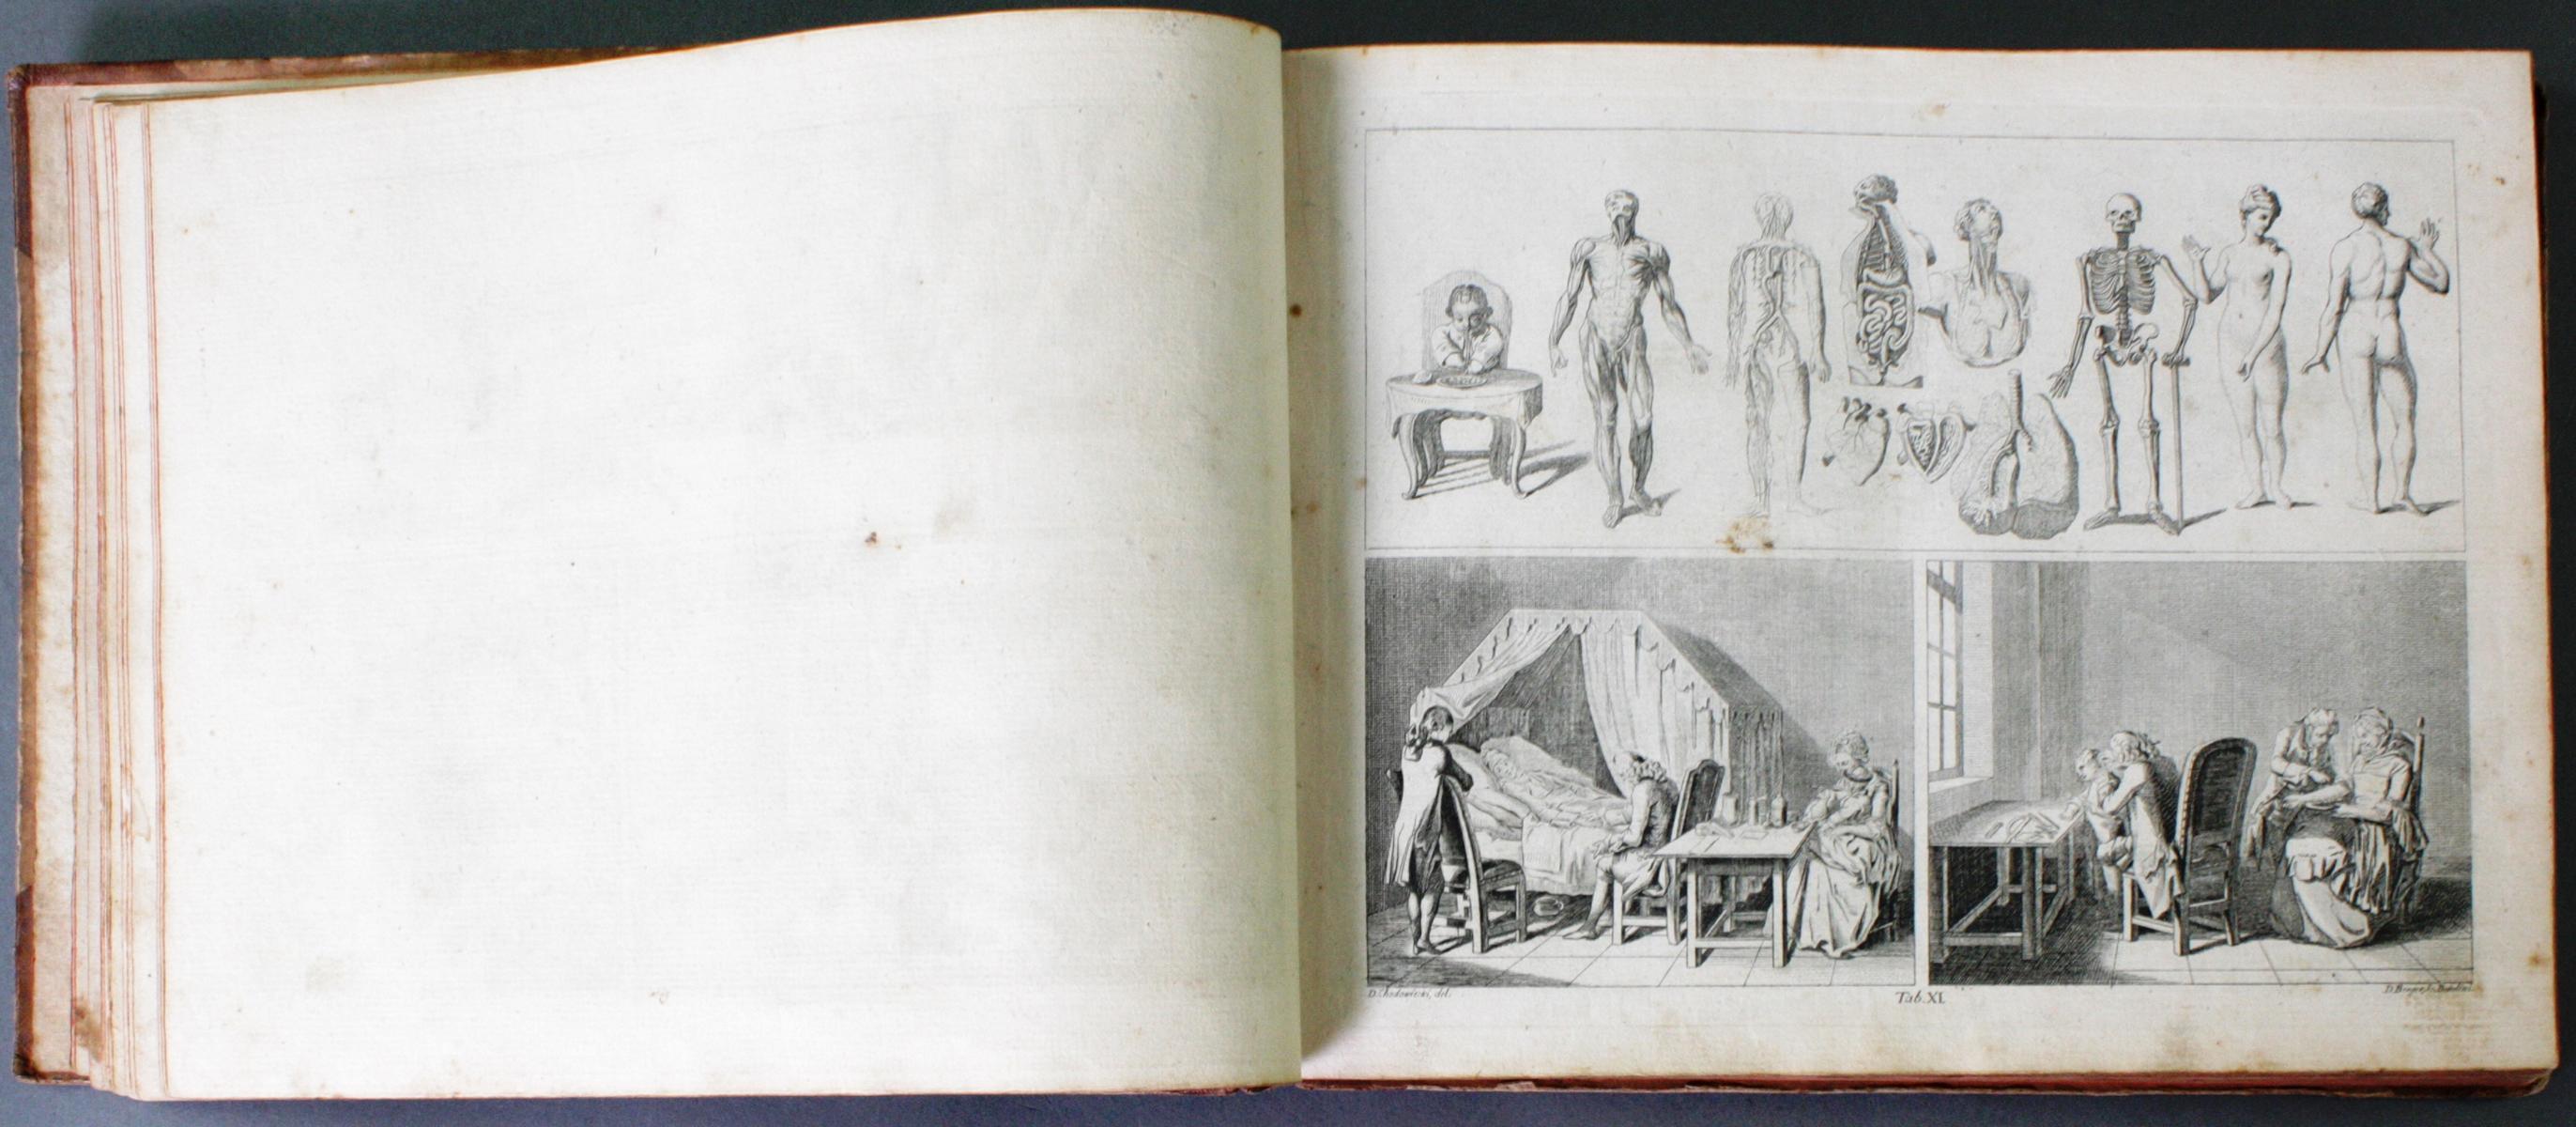 Johann Bernhard Basedow, Kupfersammlung zum Elementarwerk, 1774-4